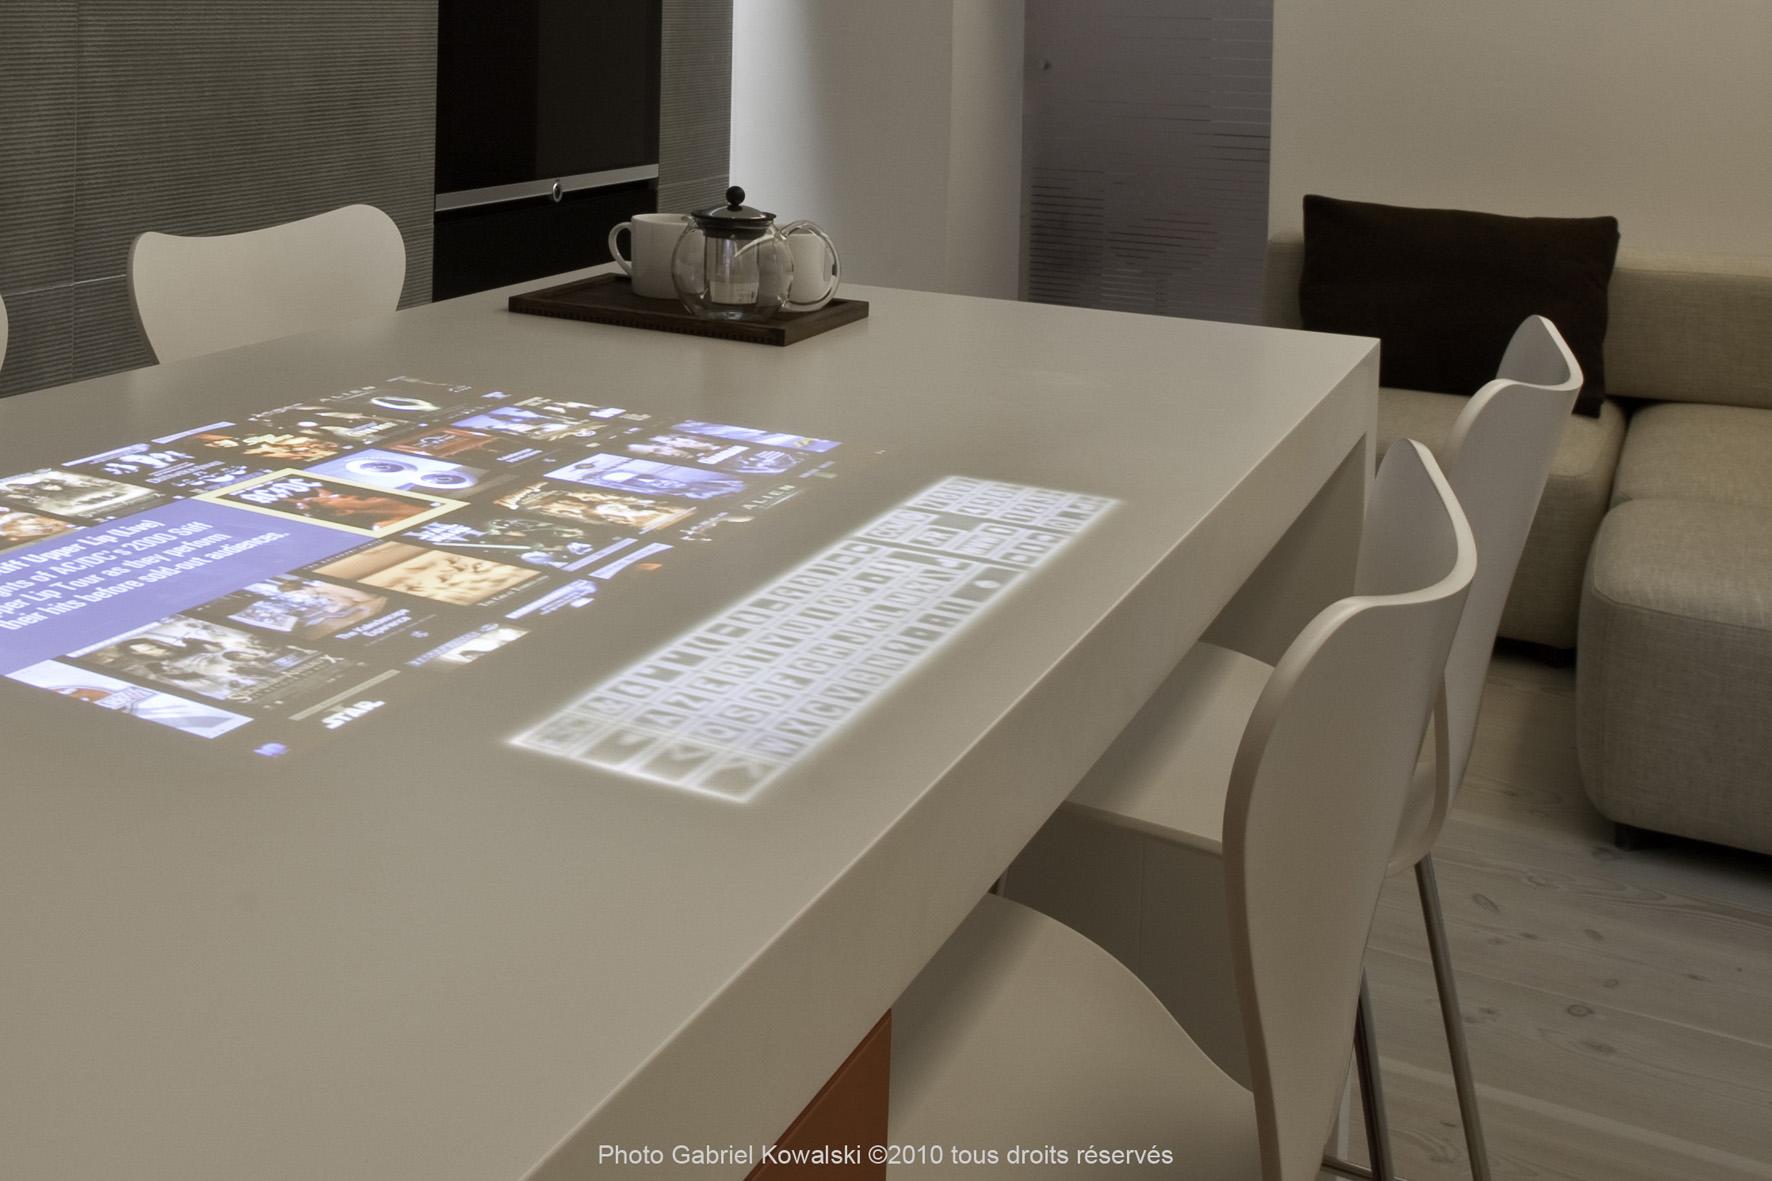 Plan De Travail Diy innovation : la cuisine avec clavier intégré dans le plan de